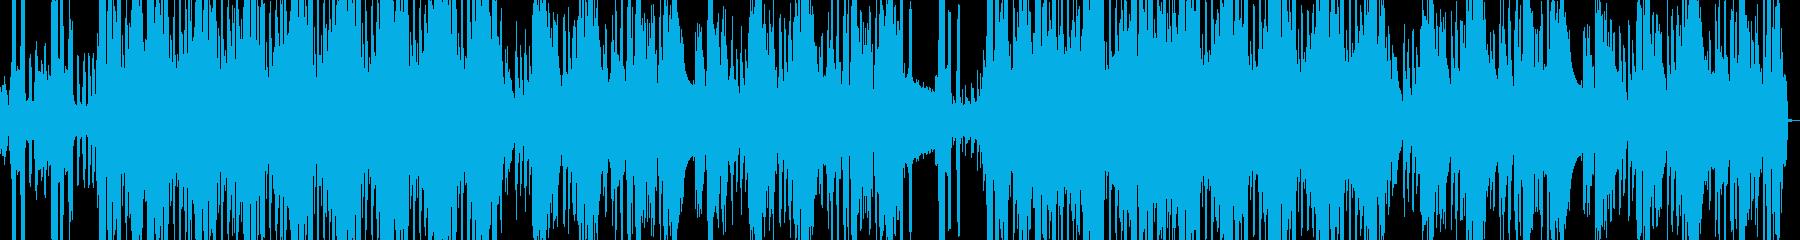 不気味な声とピアノのリズムトラックの再生済みの波形